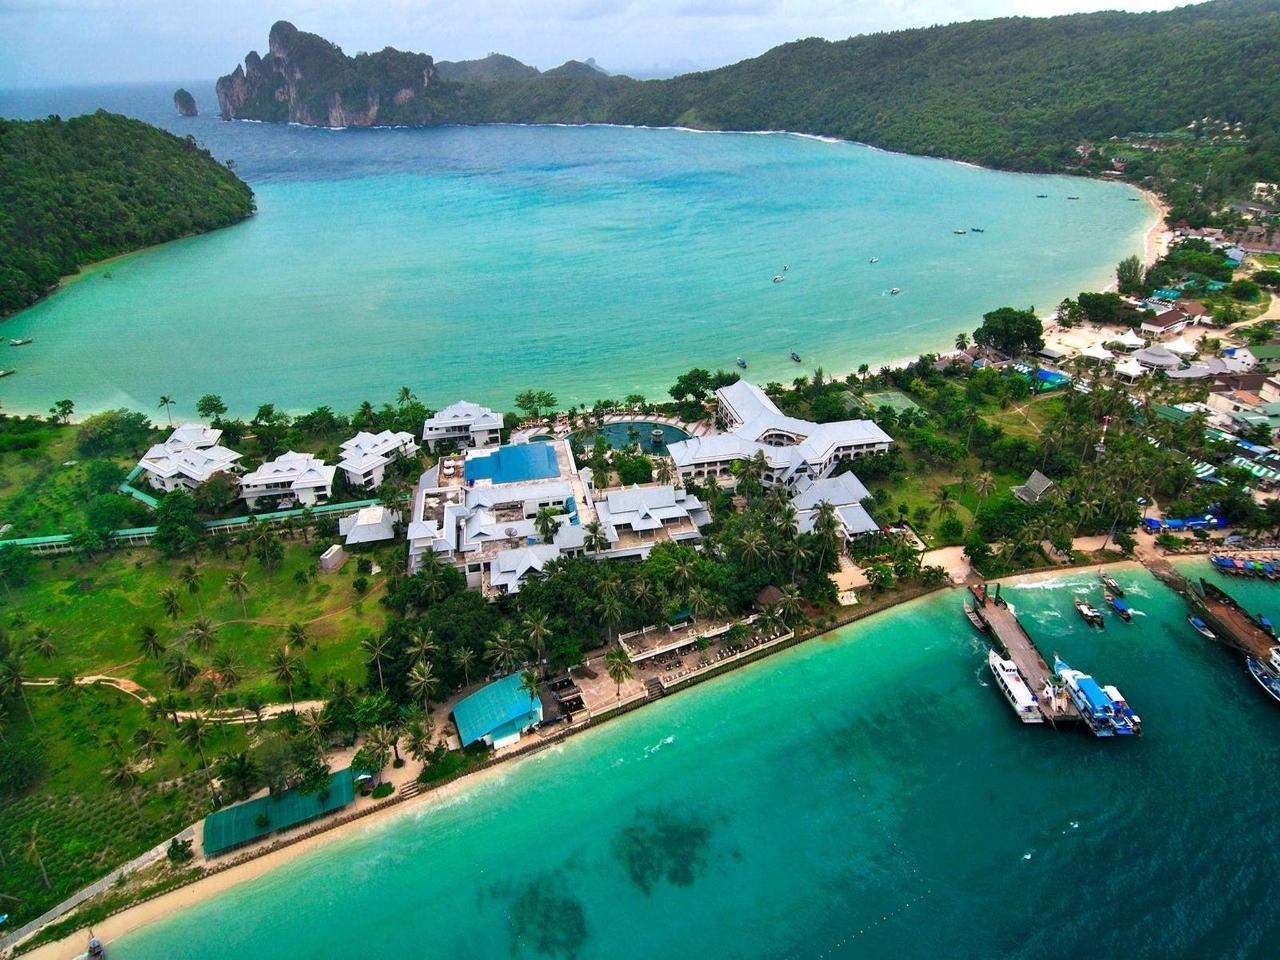 โรงแรมพีพี ไอส์แลนด์ คาบาน่า (Phi Phi Island Cabana Hotel)